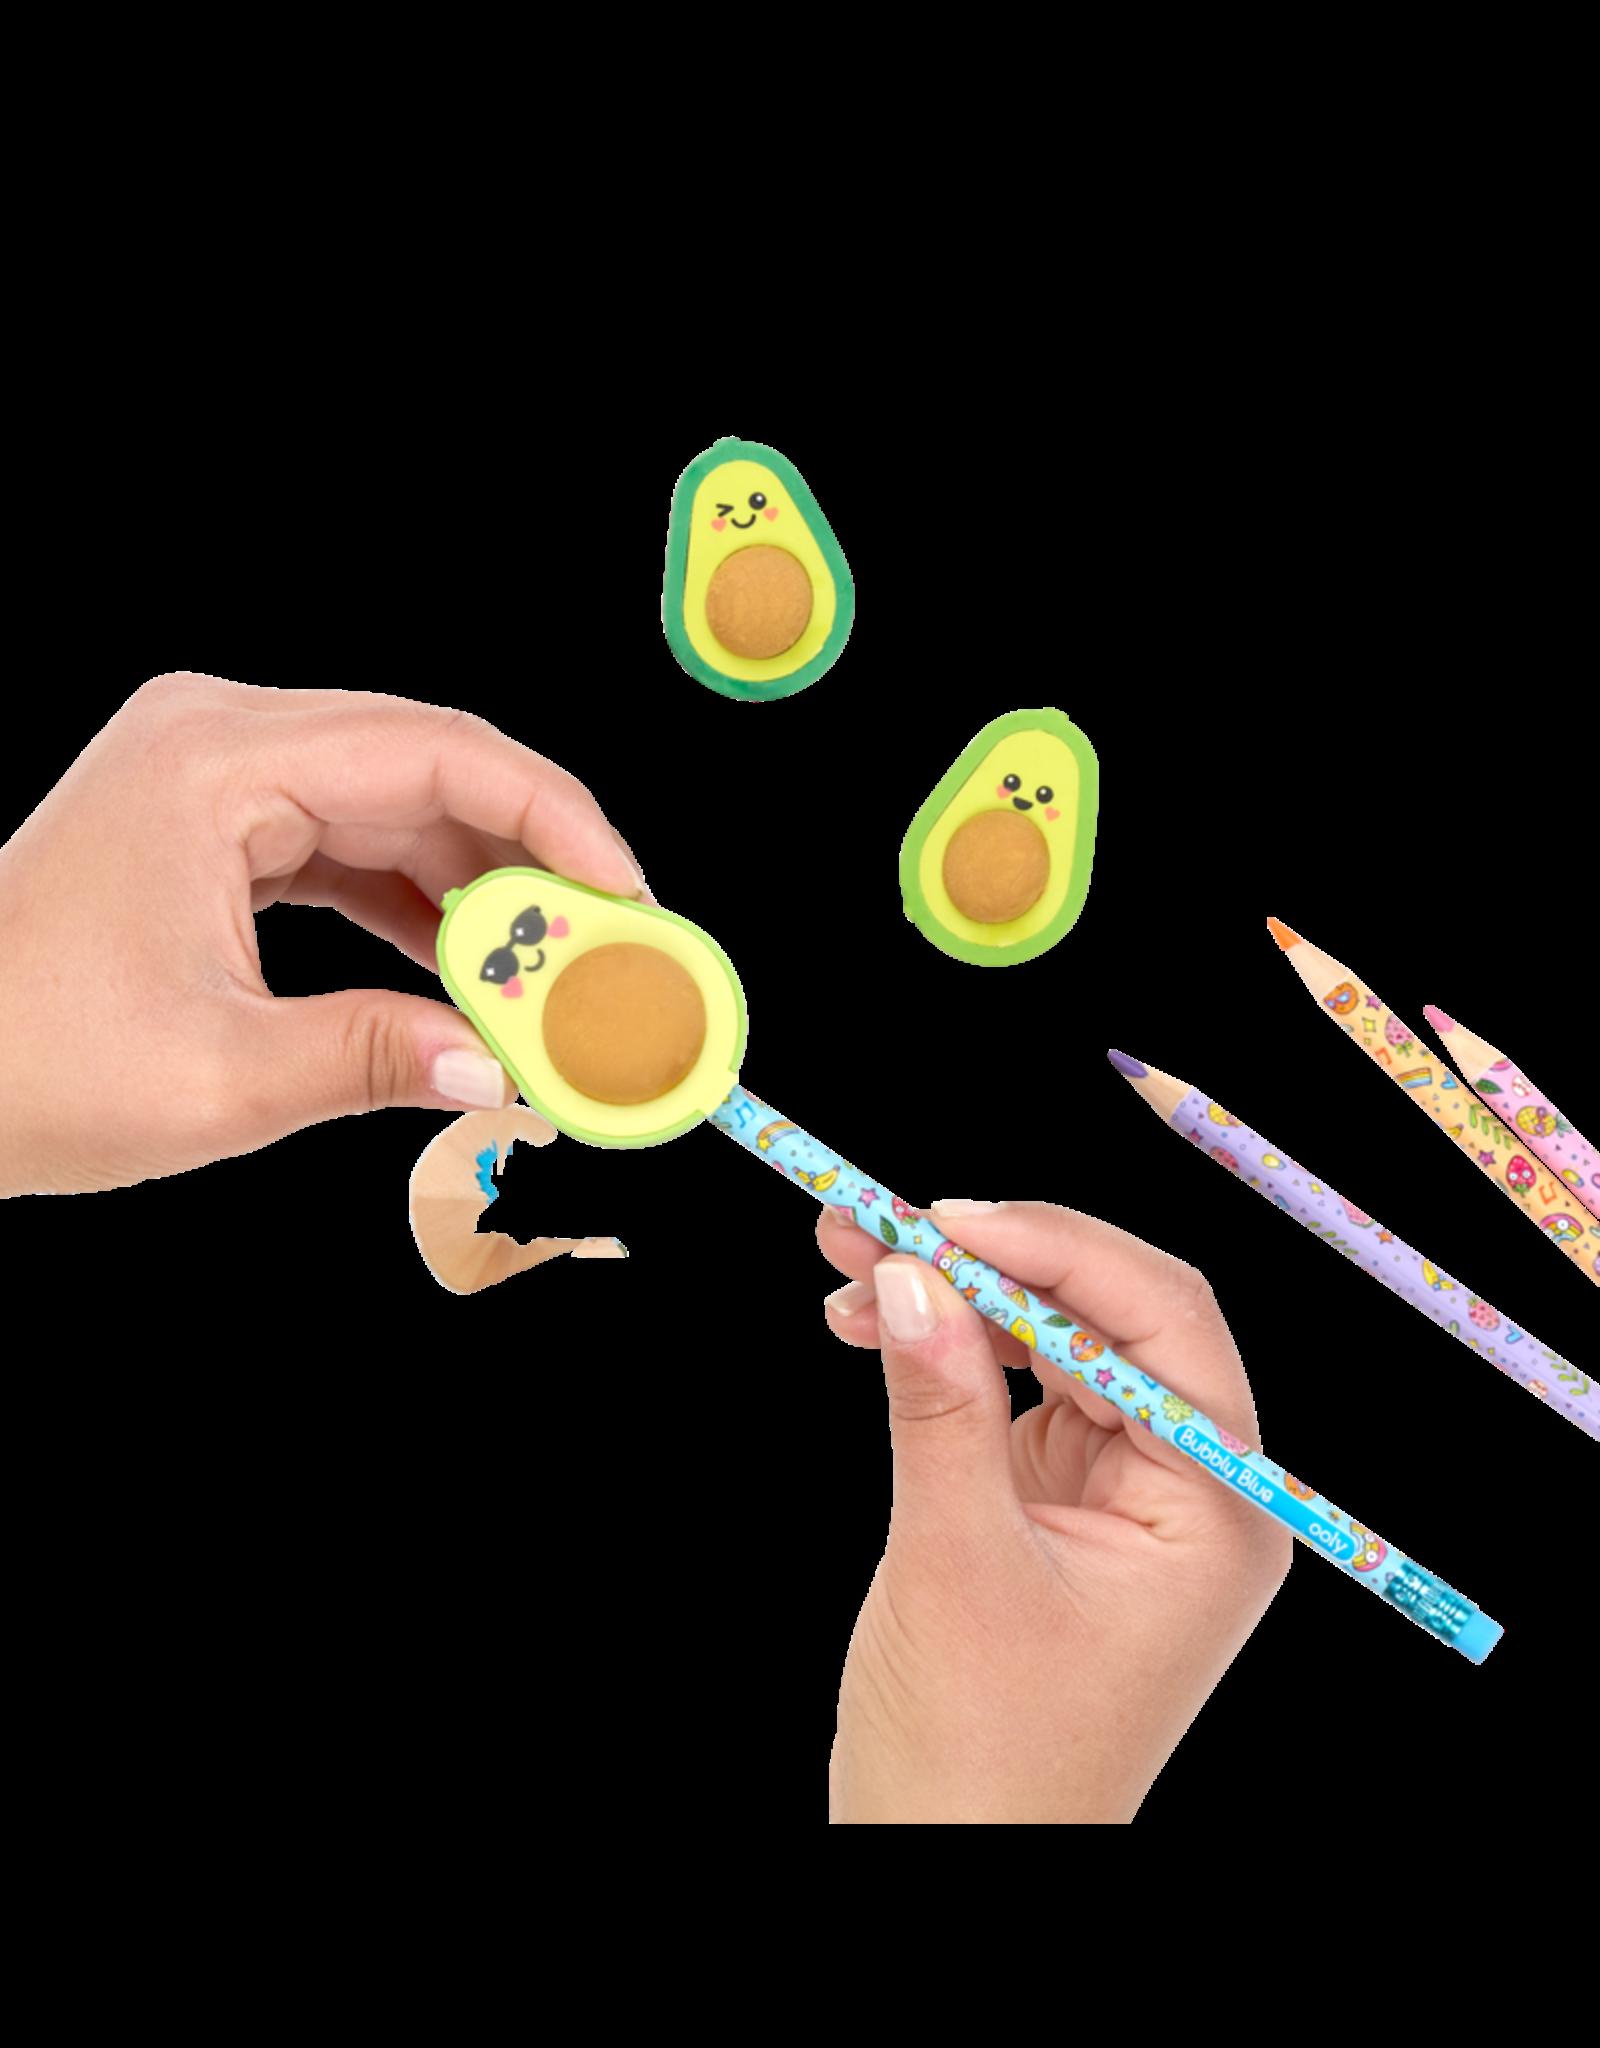 Ooly Avocado Love Eraser And Sharpener - Set Of 3